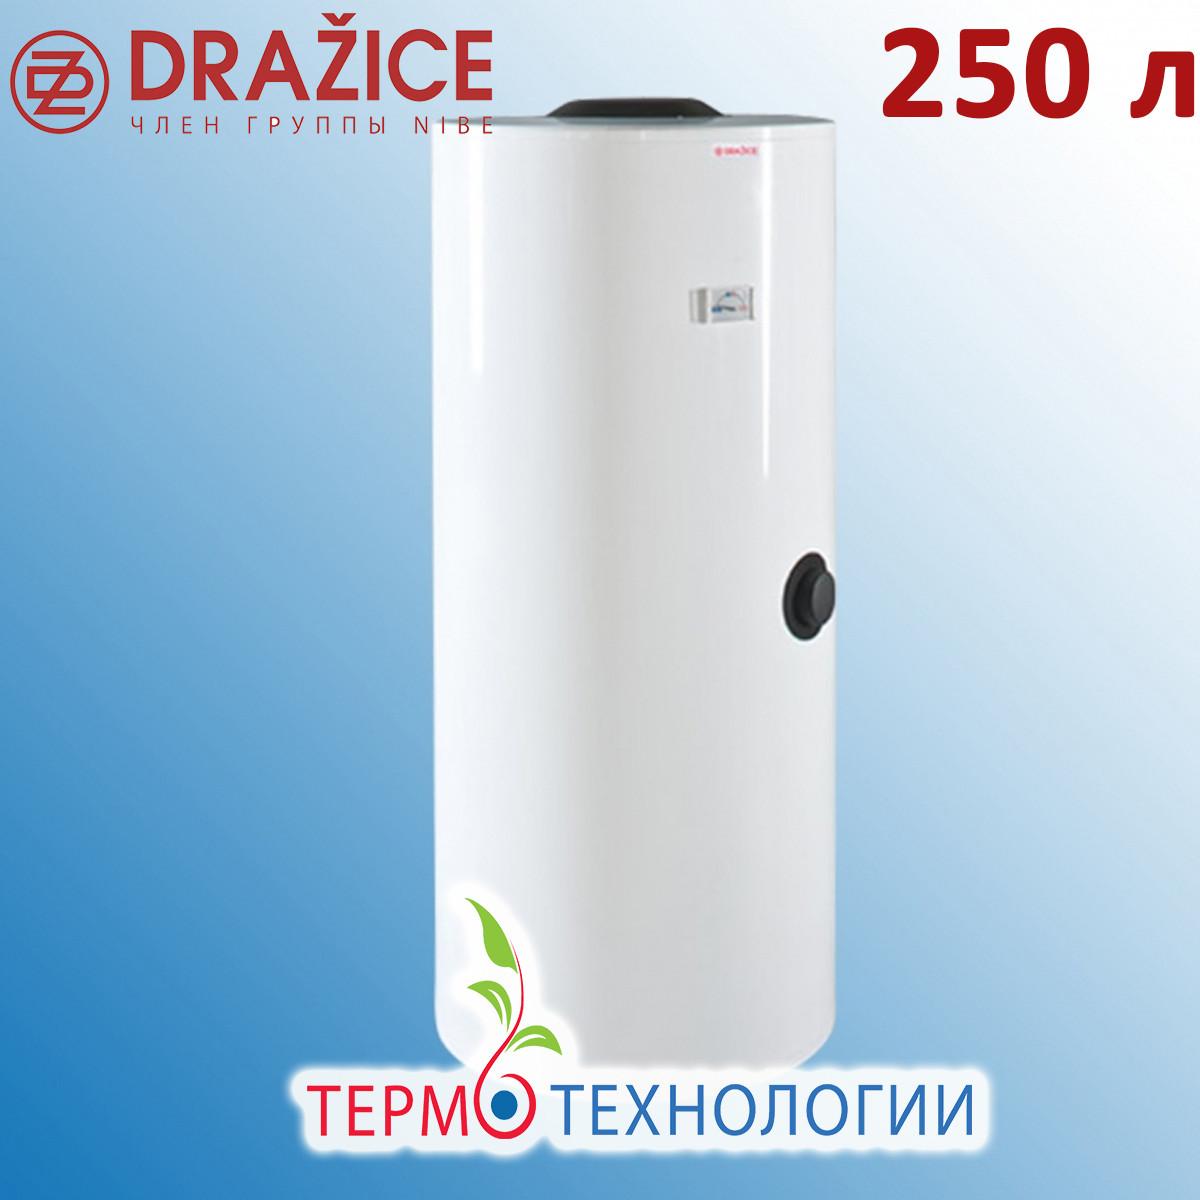 Водонагреватель на солнечной энергии DRAZICE SOL 250 л.